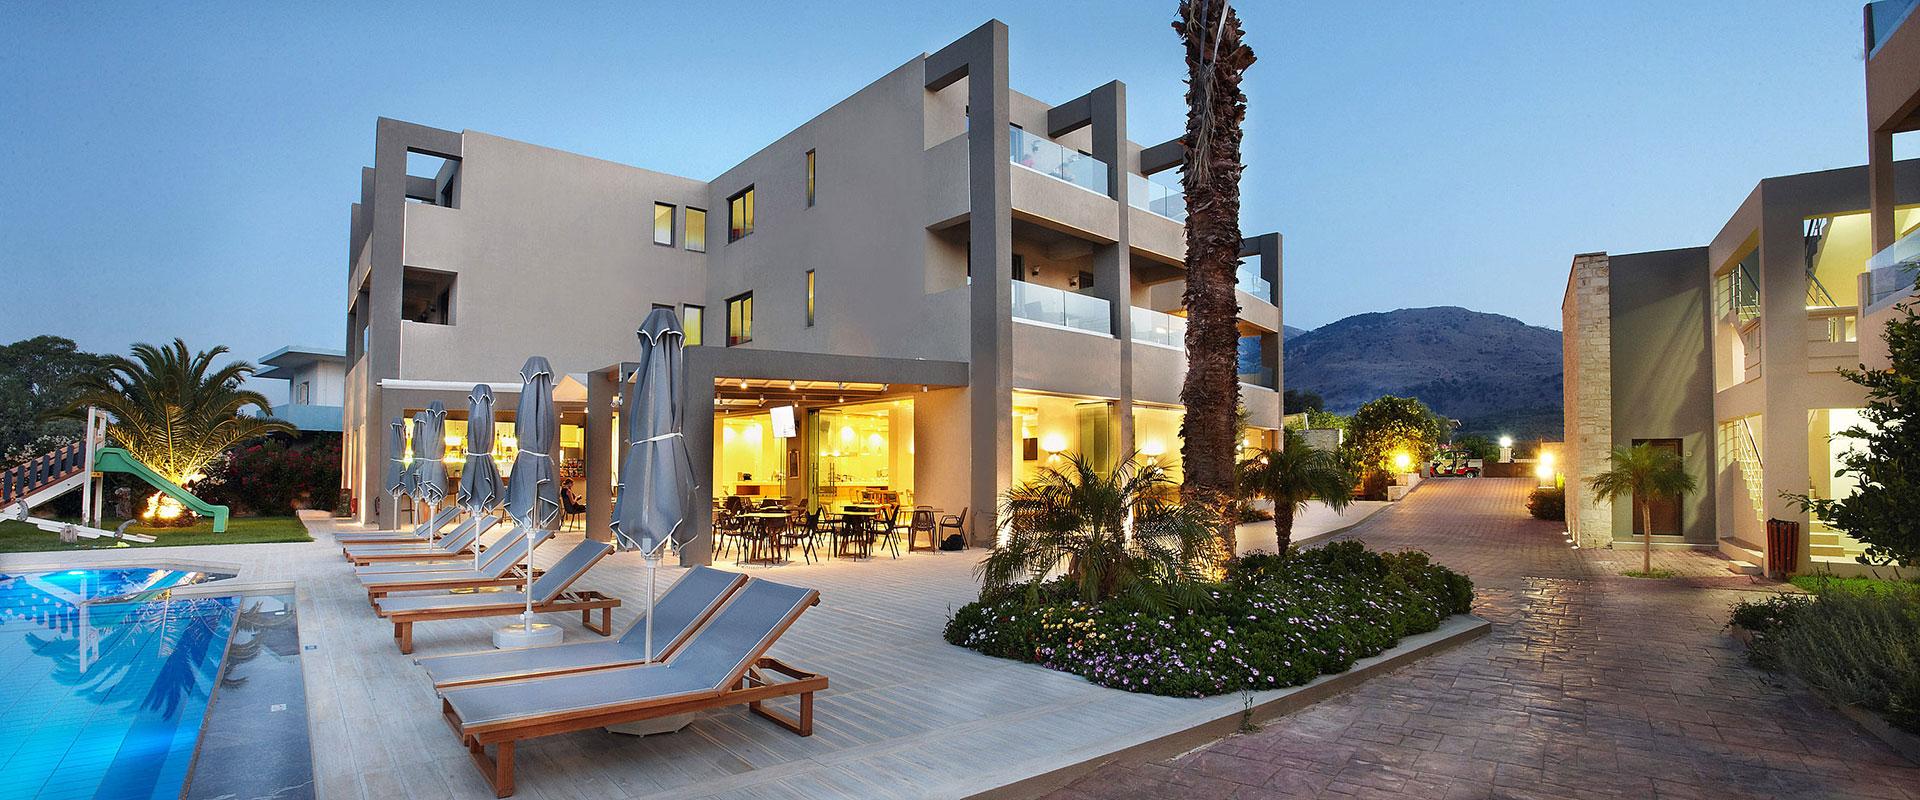 Недвижимость крита продажа недорогих домов в черногории